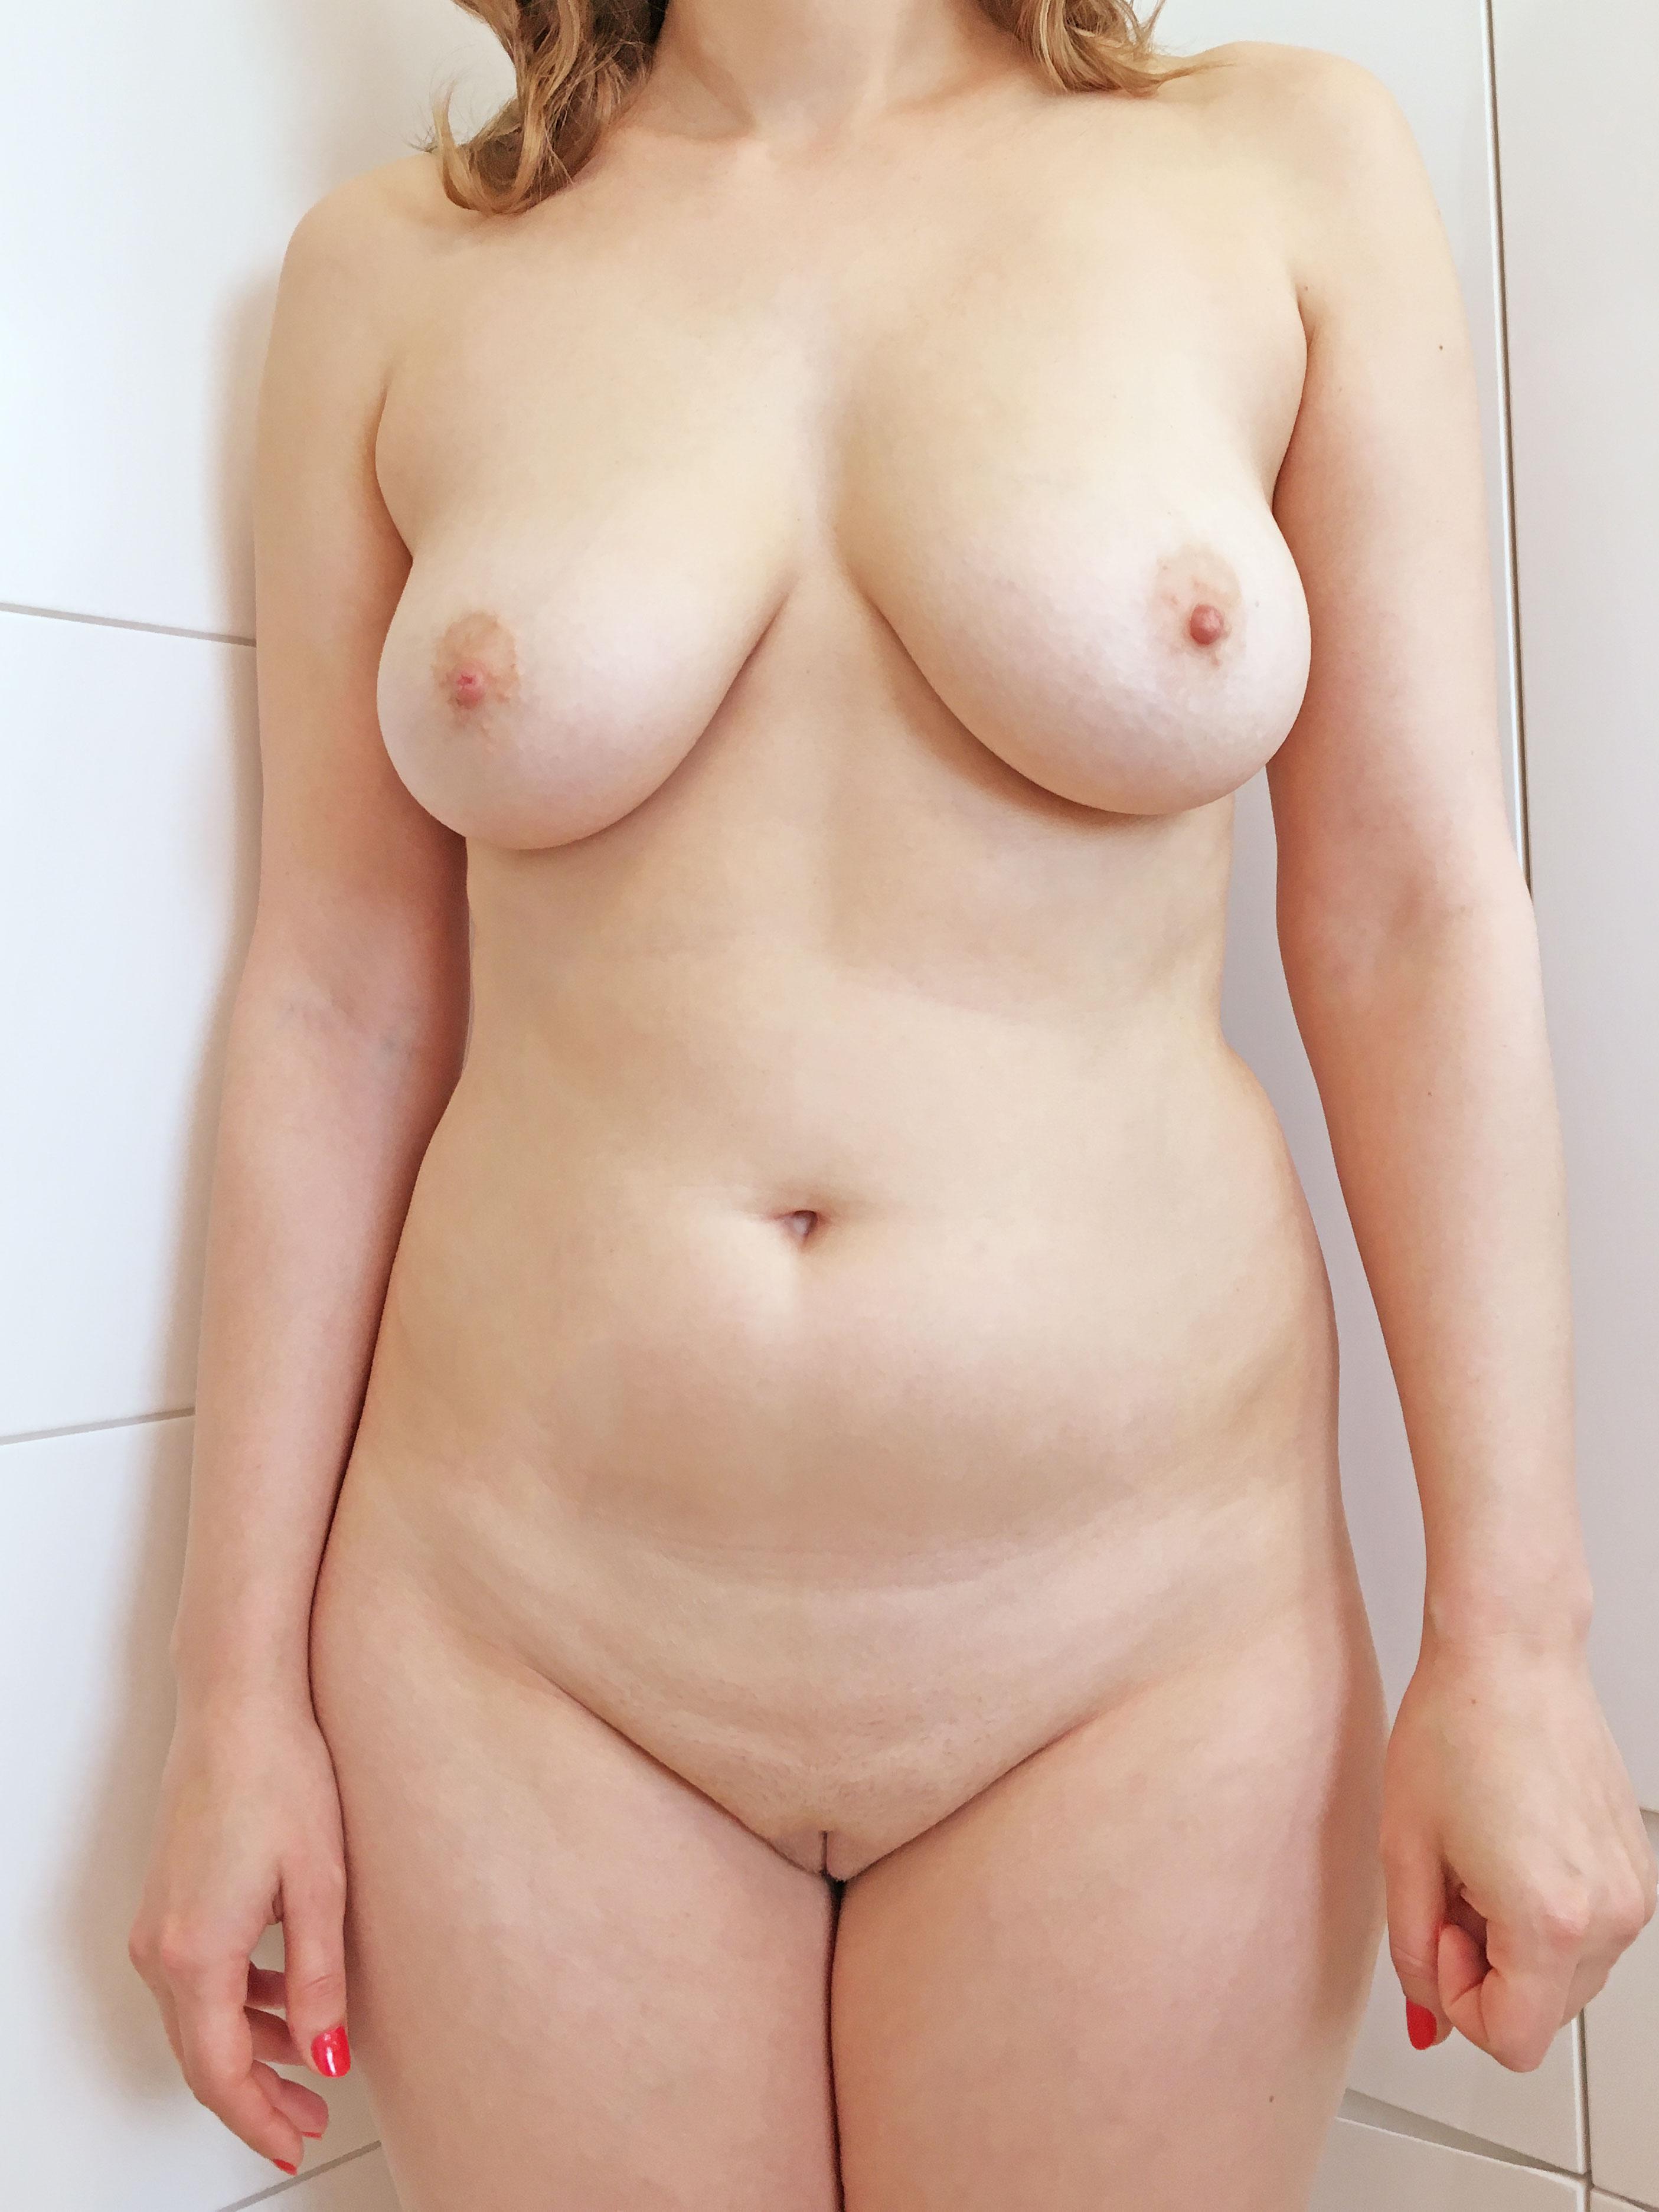 Компиляция голых сисек молодых девушек в домашних условиях секс фото и порно фото